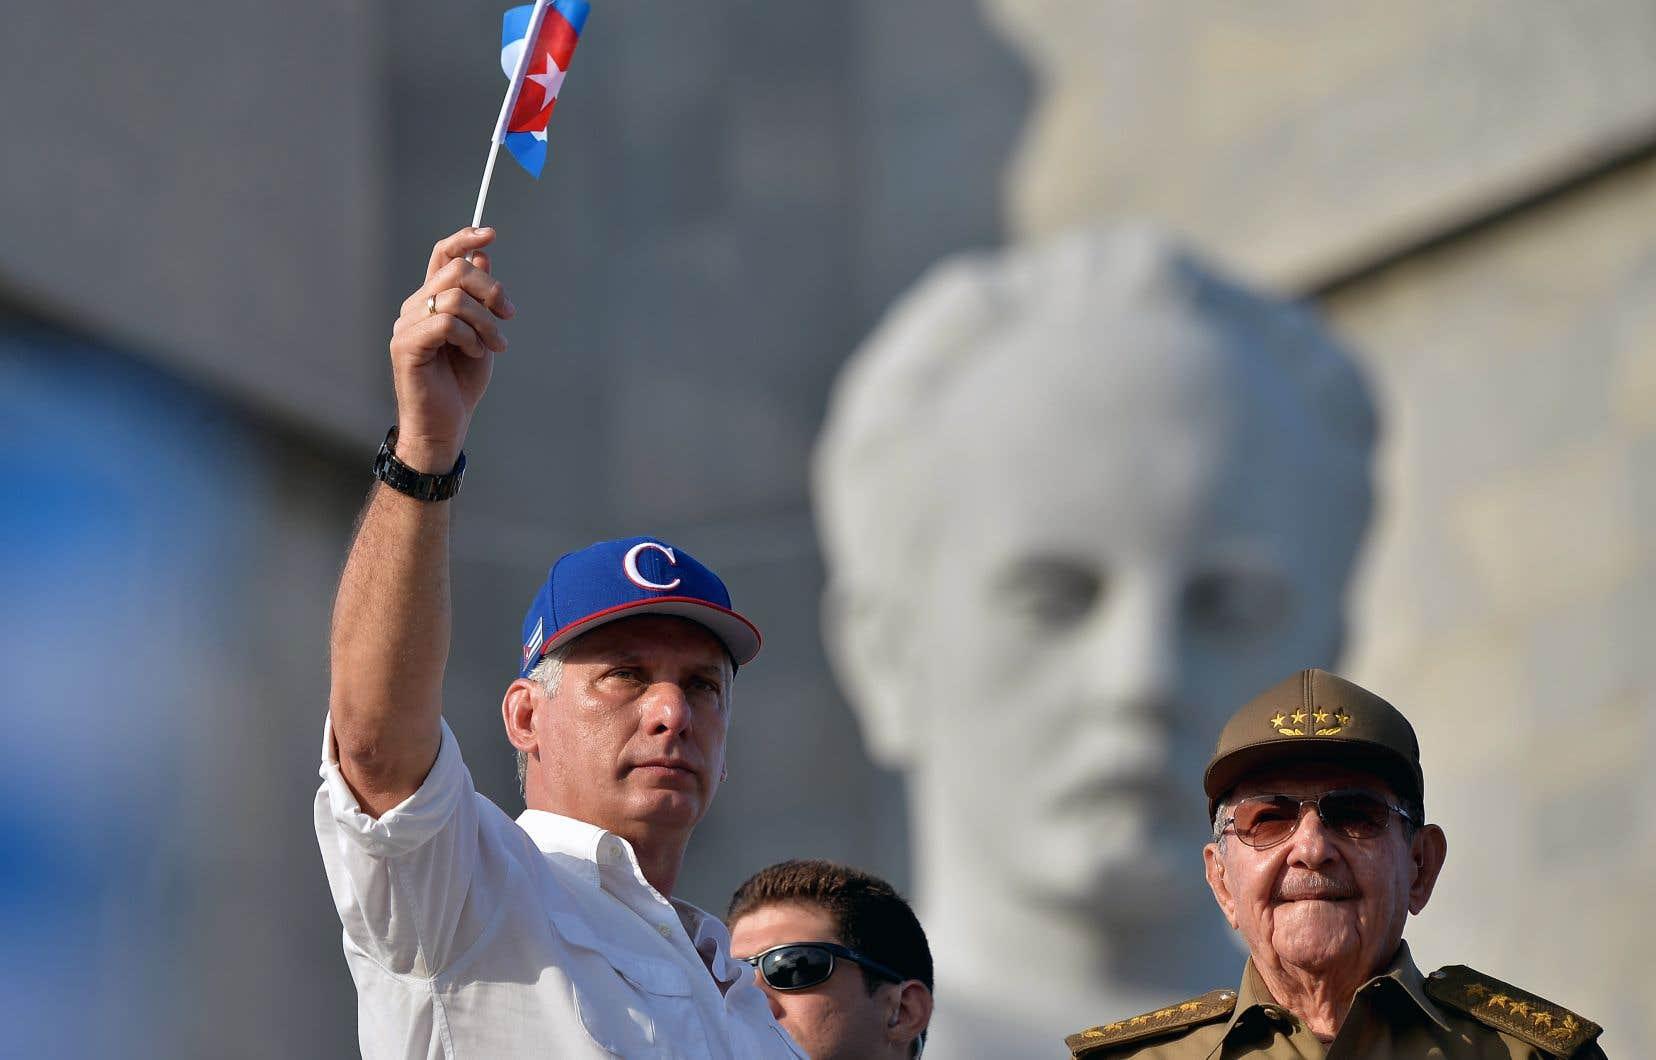 Le nouveau président cubain, Miguel Díaz-Canel, photographié à La Havane le 1er mai dernier. Il a succédé en avril à Raúl Castro (à droite), alors âgé de 87 ans.